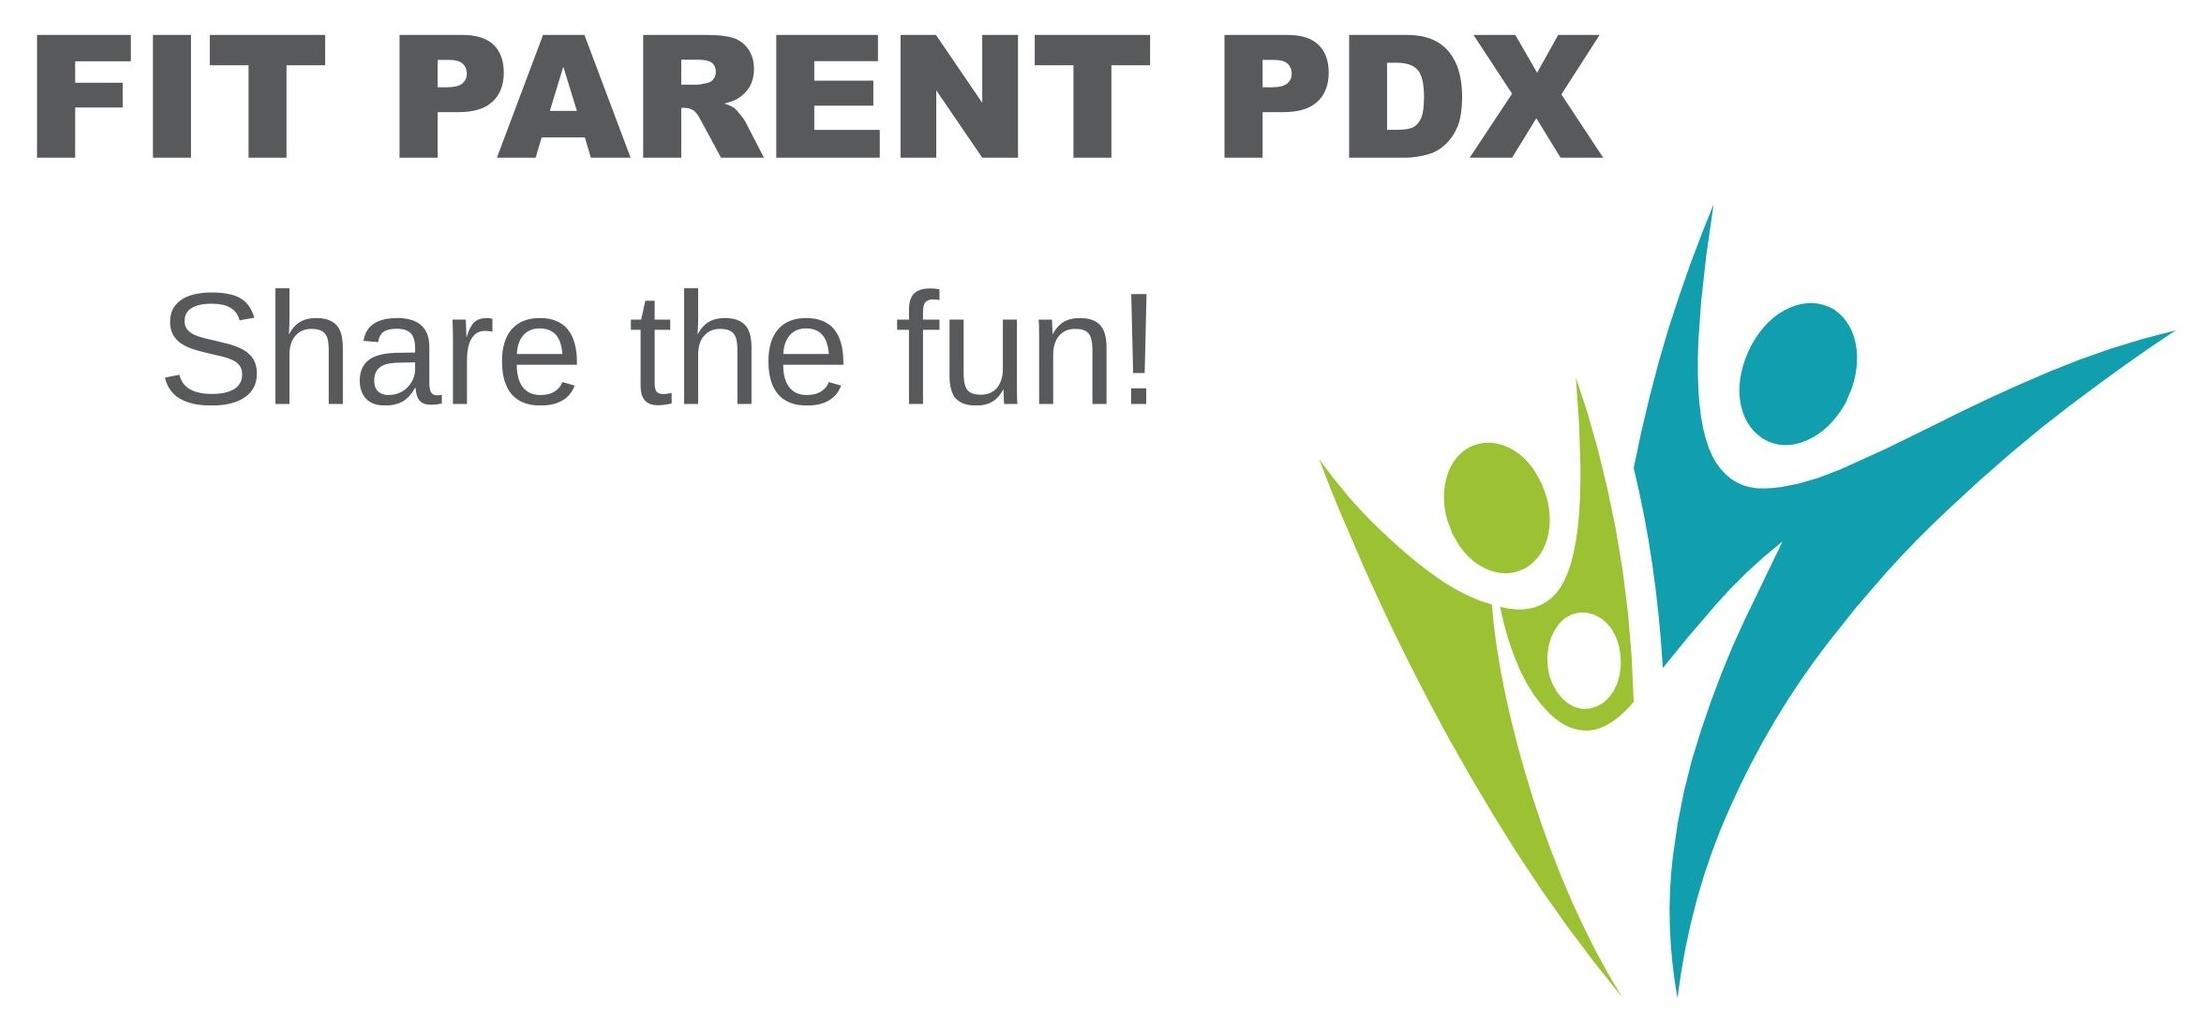 FITparent-pdx-logo_EGzE.jpg